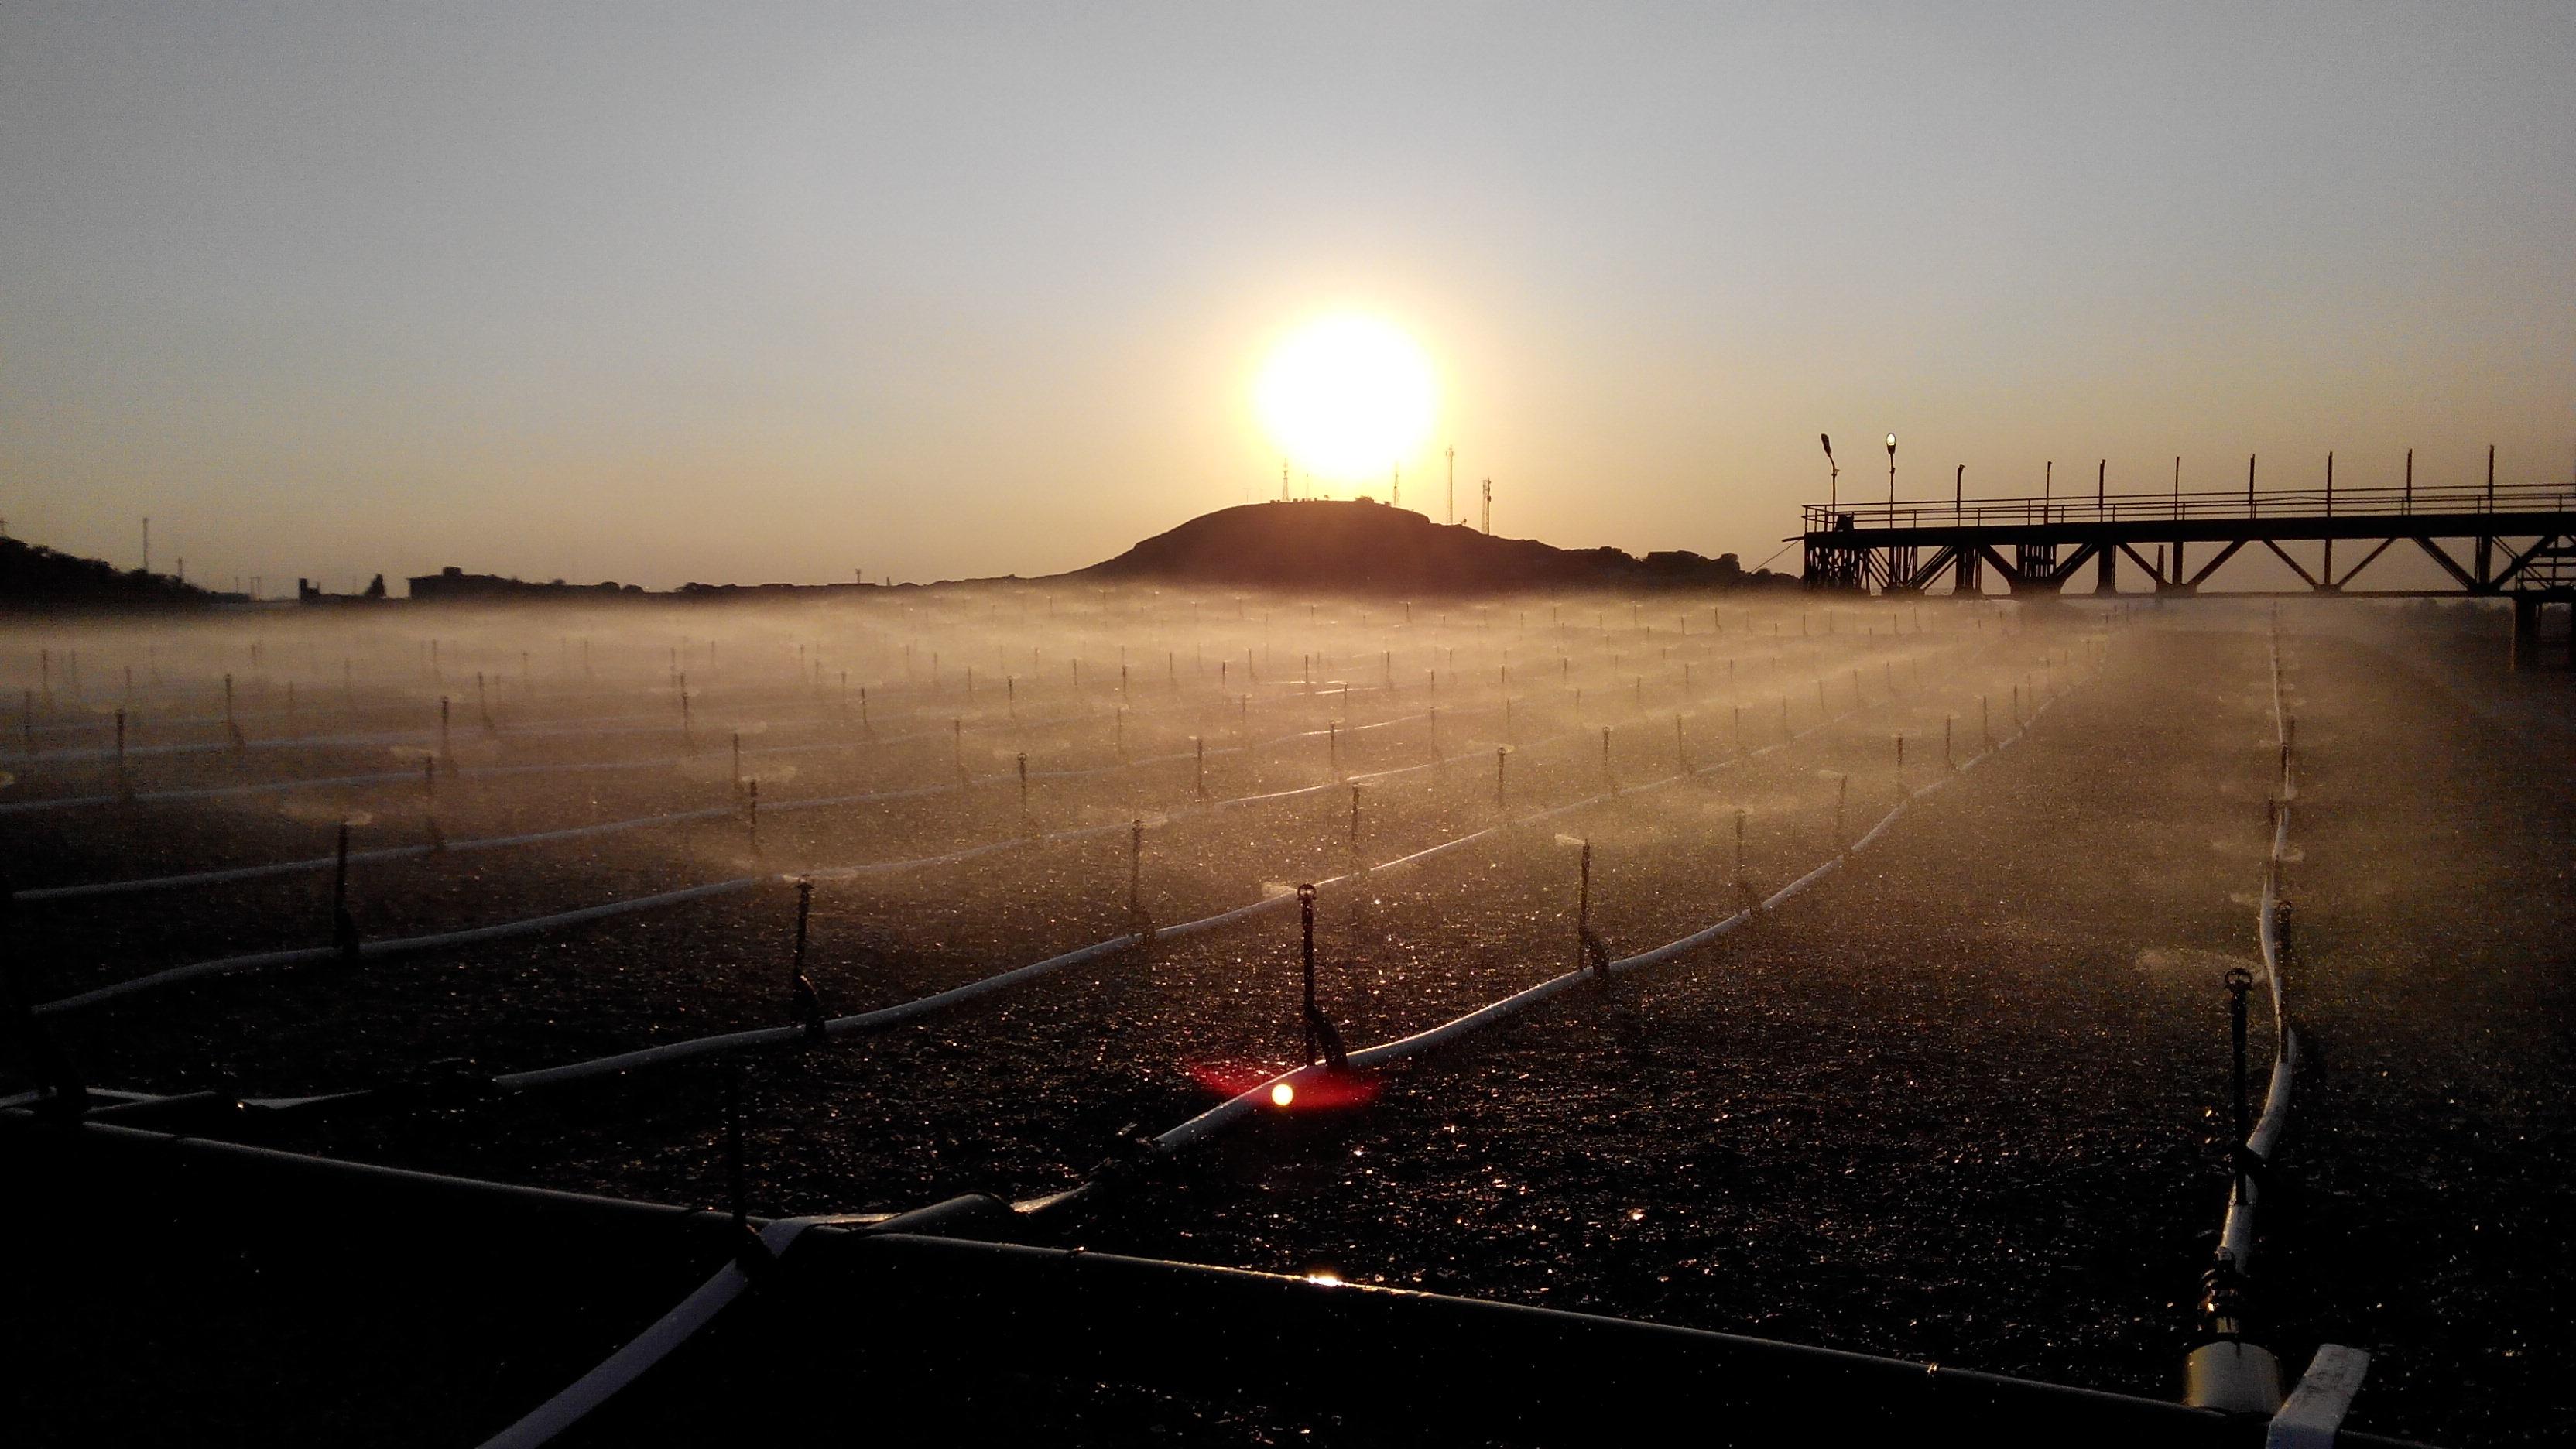 Gyro Mining Sprinklers